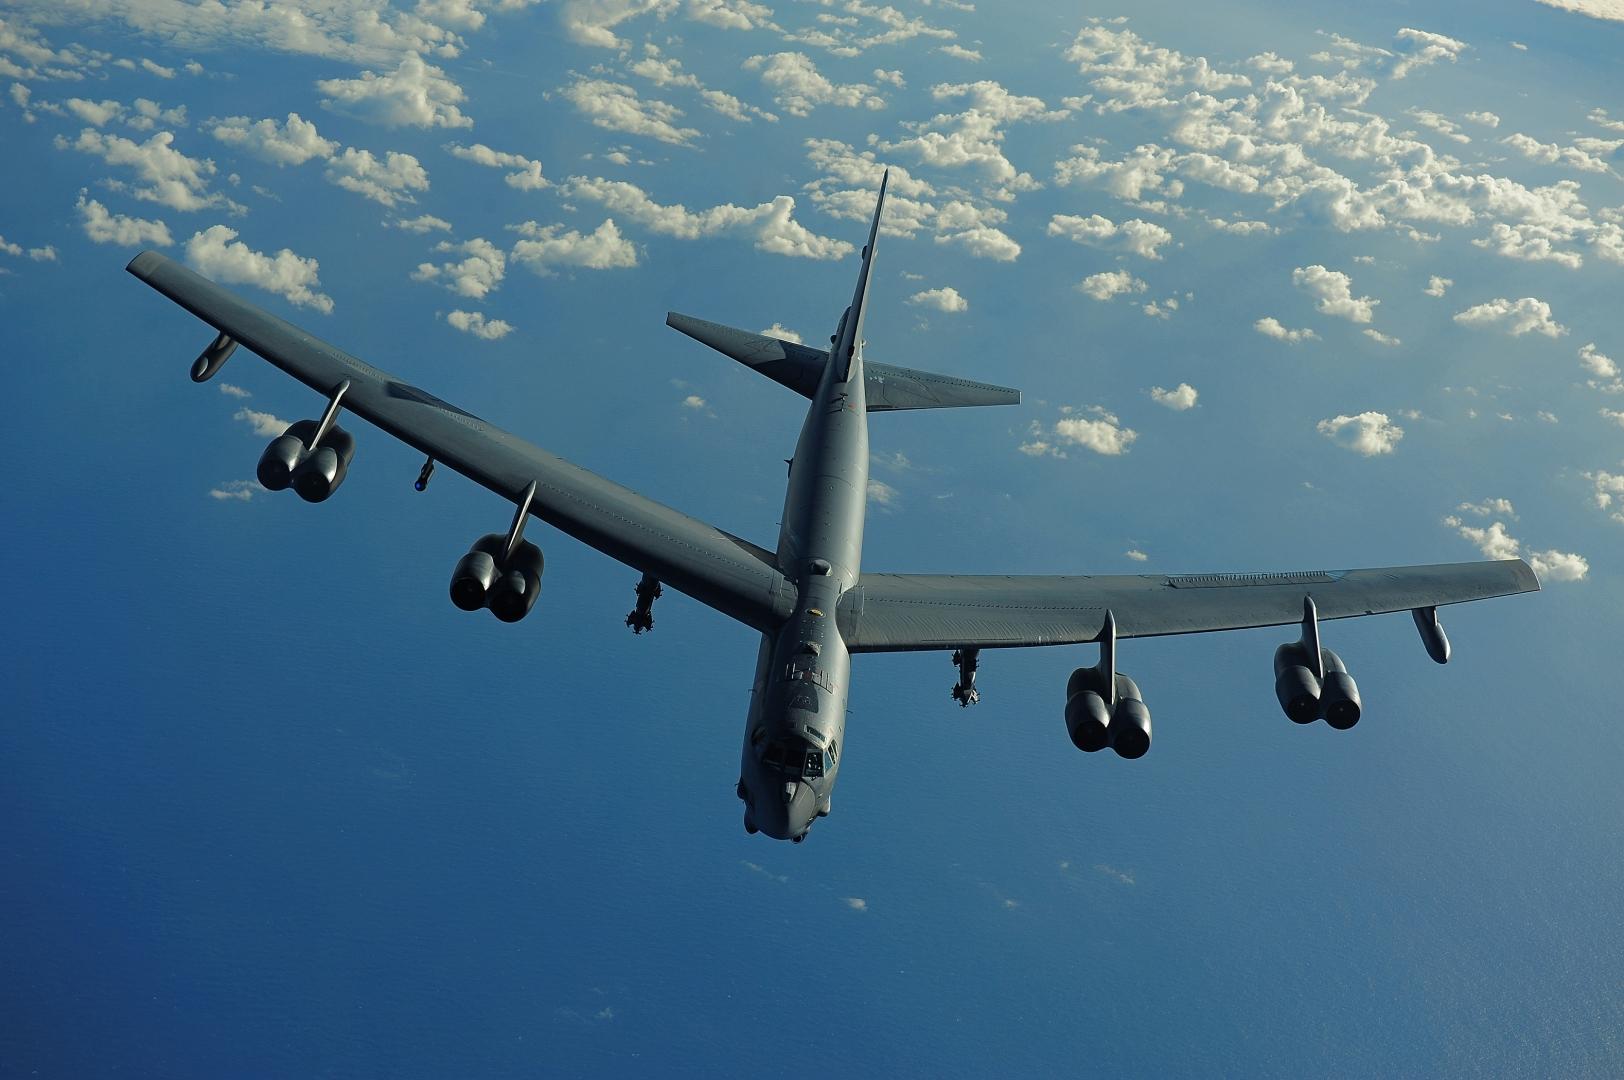 Стратегический бомбардировщик ВВС США B-52